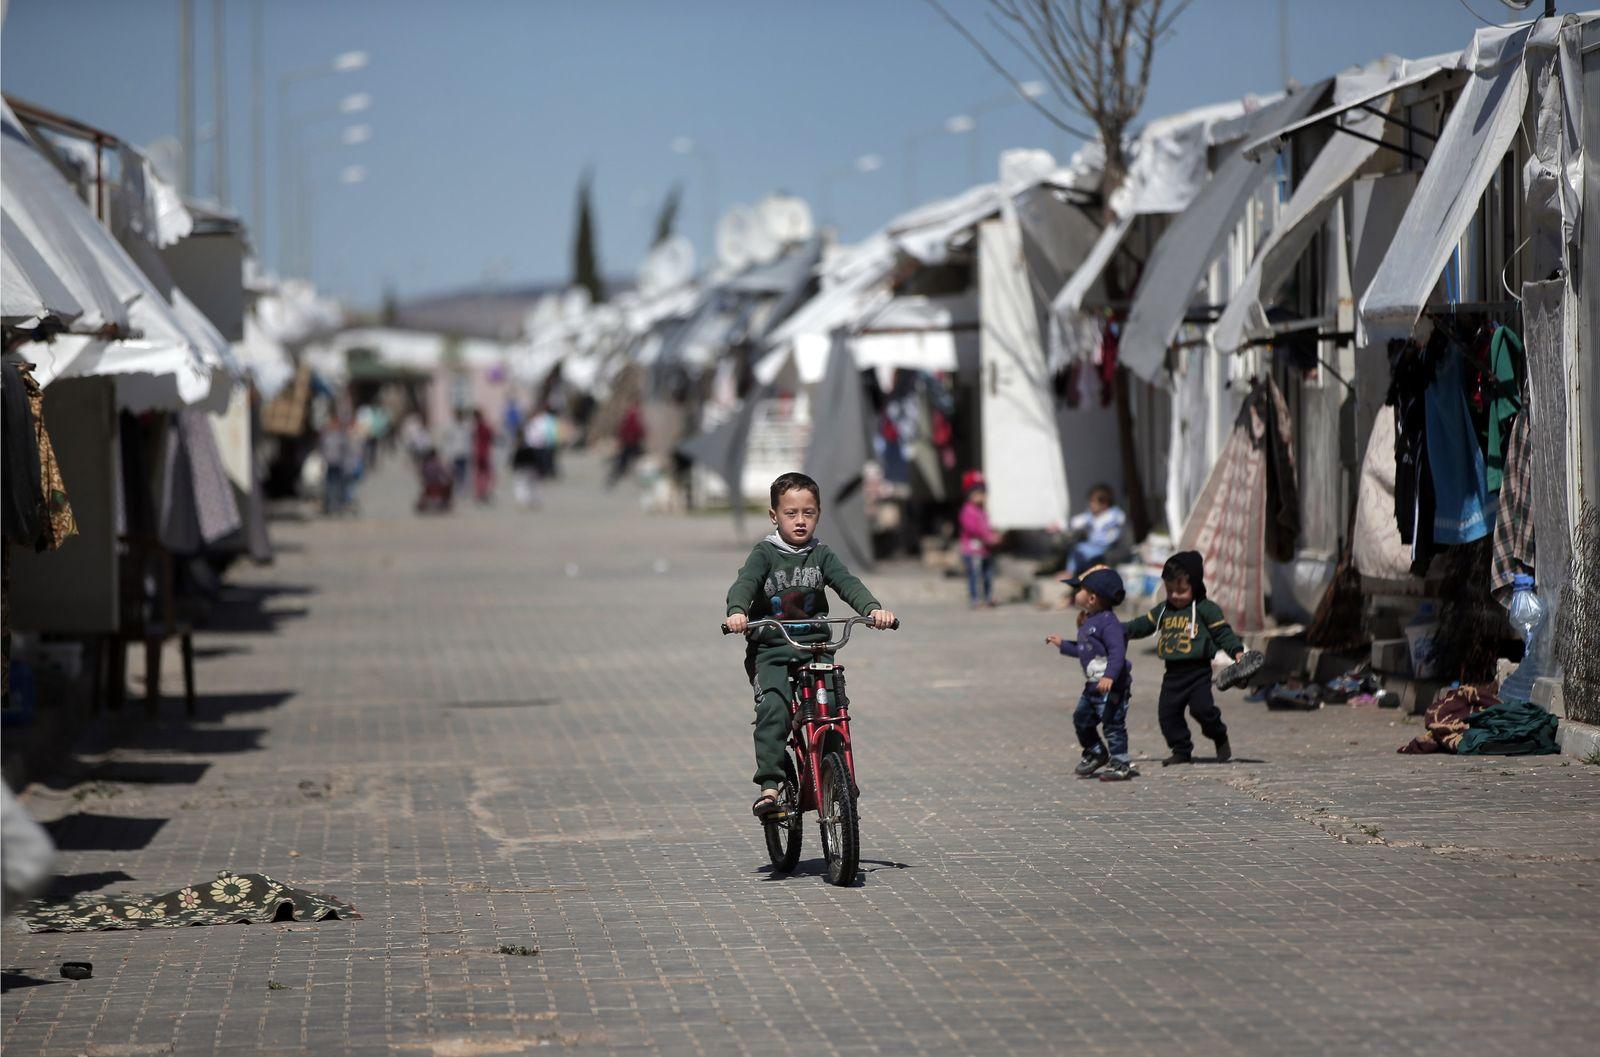 Türkei / Flüchtlinge